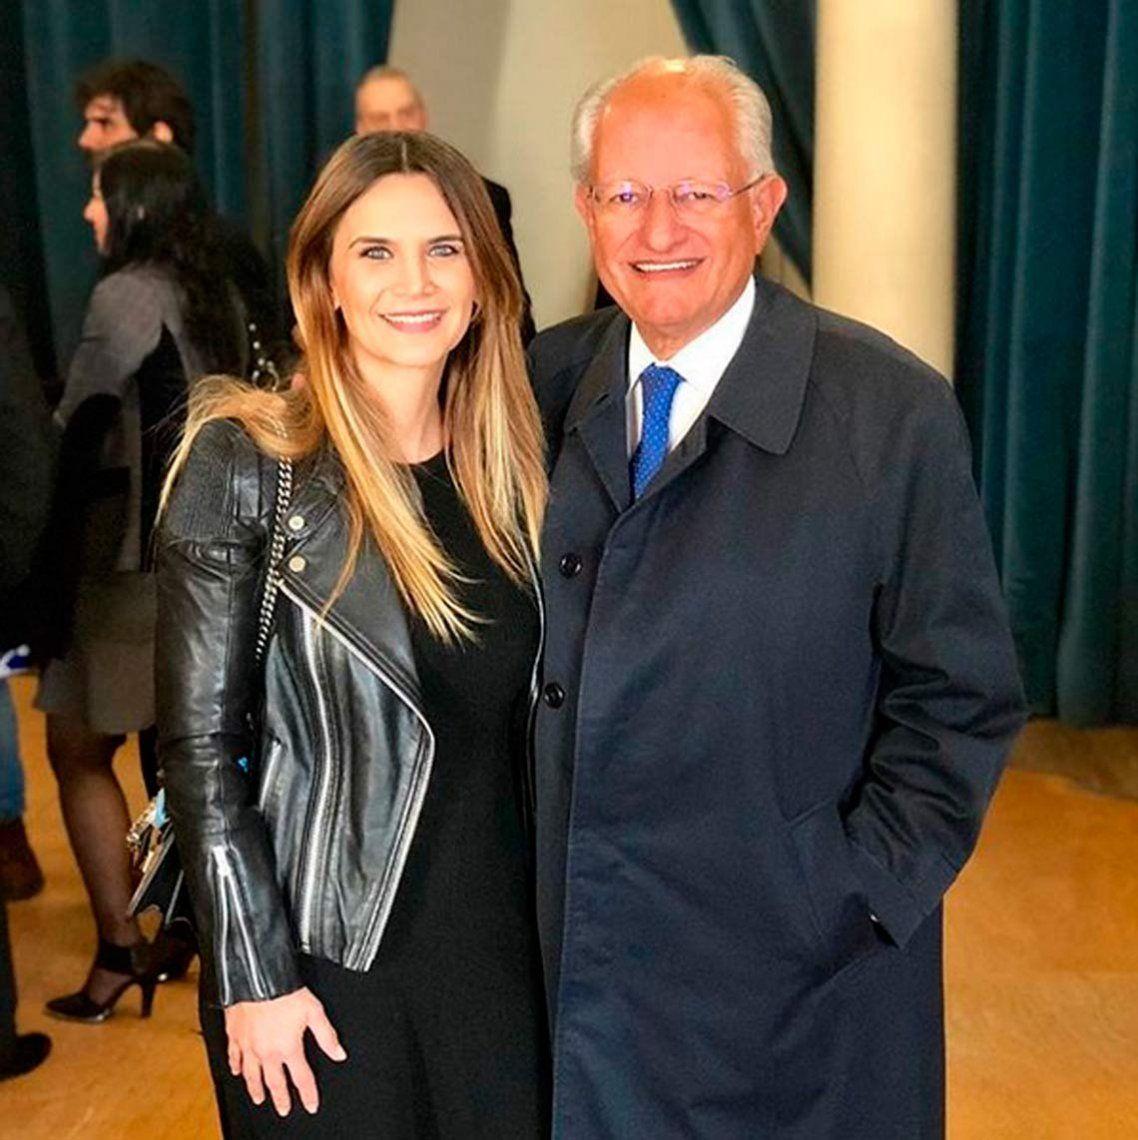 Amalia Granata se mostró muy sonriente al lado del polémico doctor Abel Albino